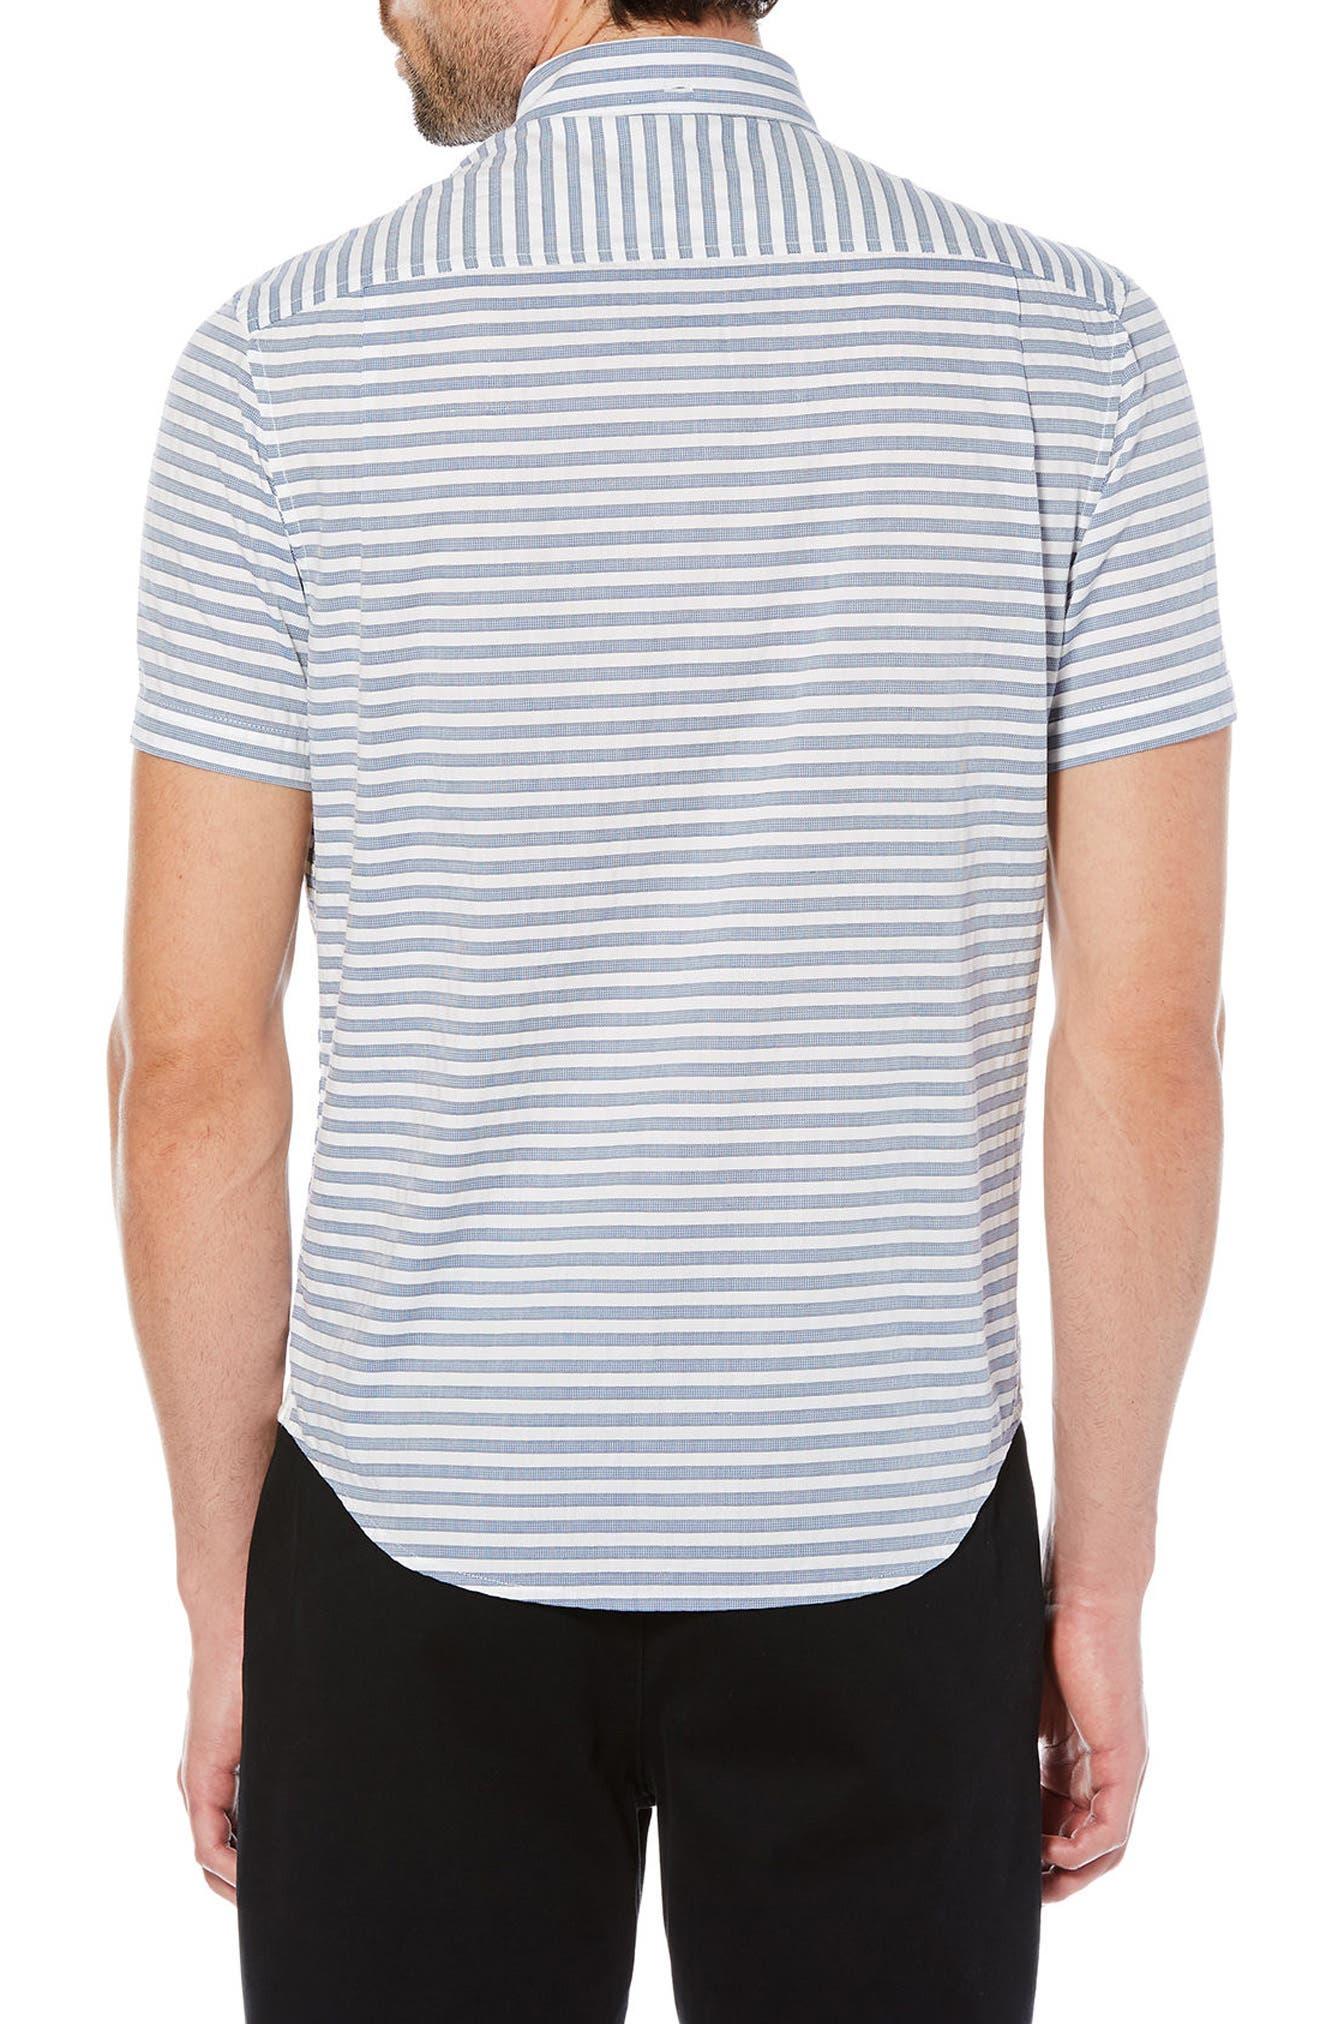 Dobby Stripe Shirt,                             Alternate thumbnail 2, color,